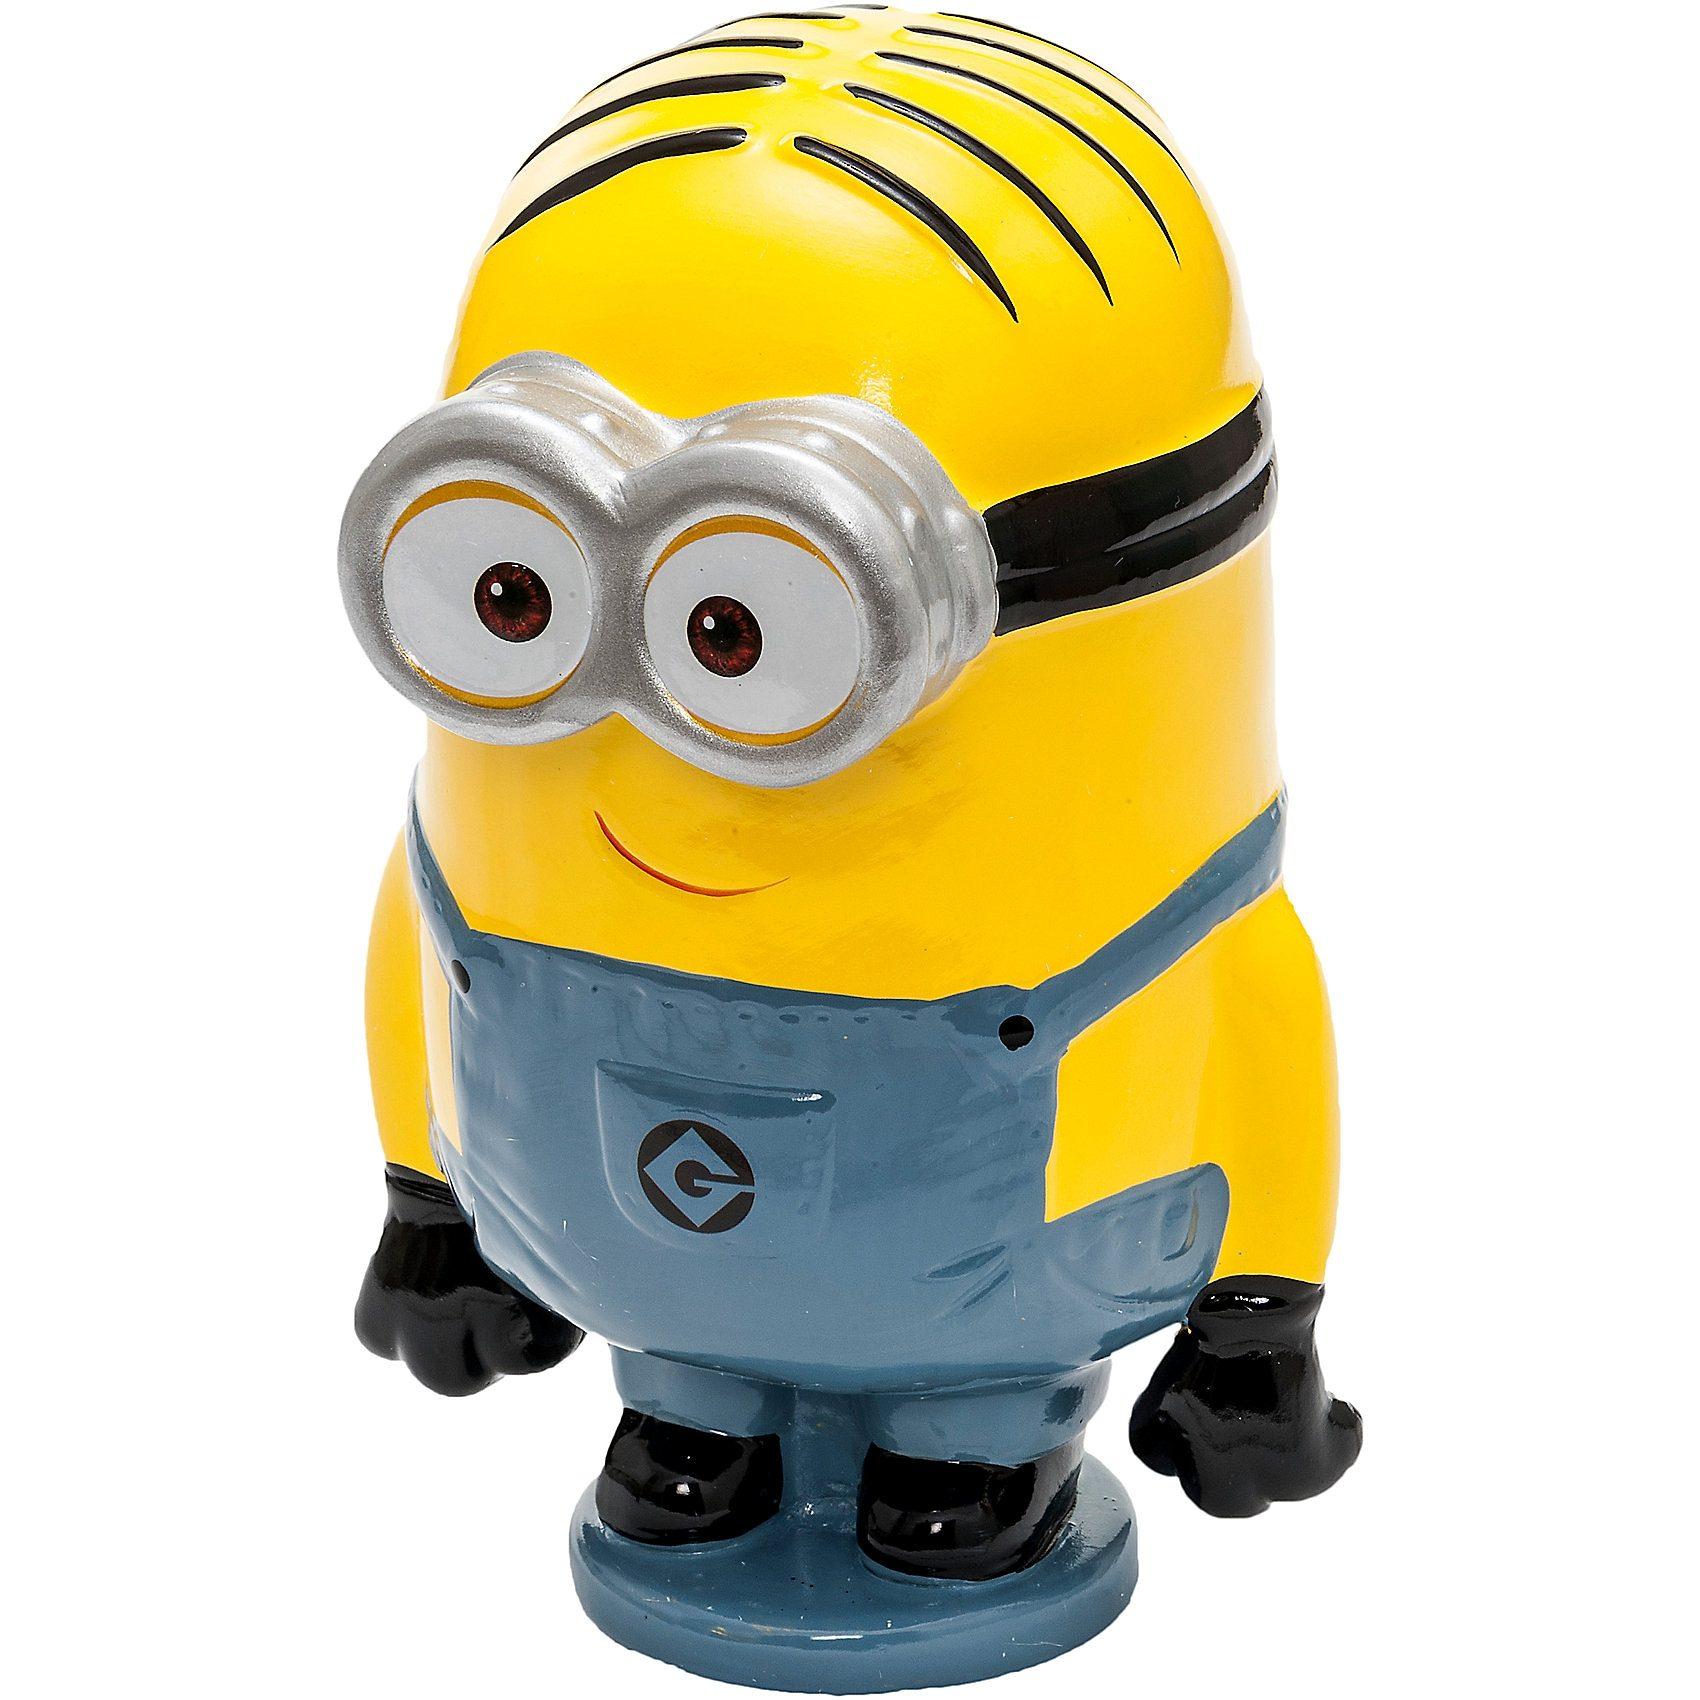 JOY TOY 3D-Spardose Minions, Keramik